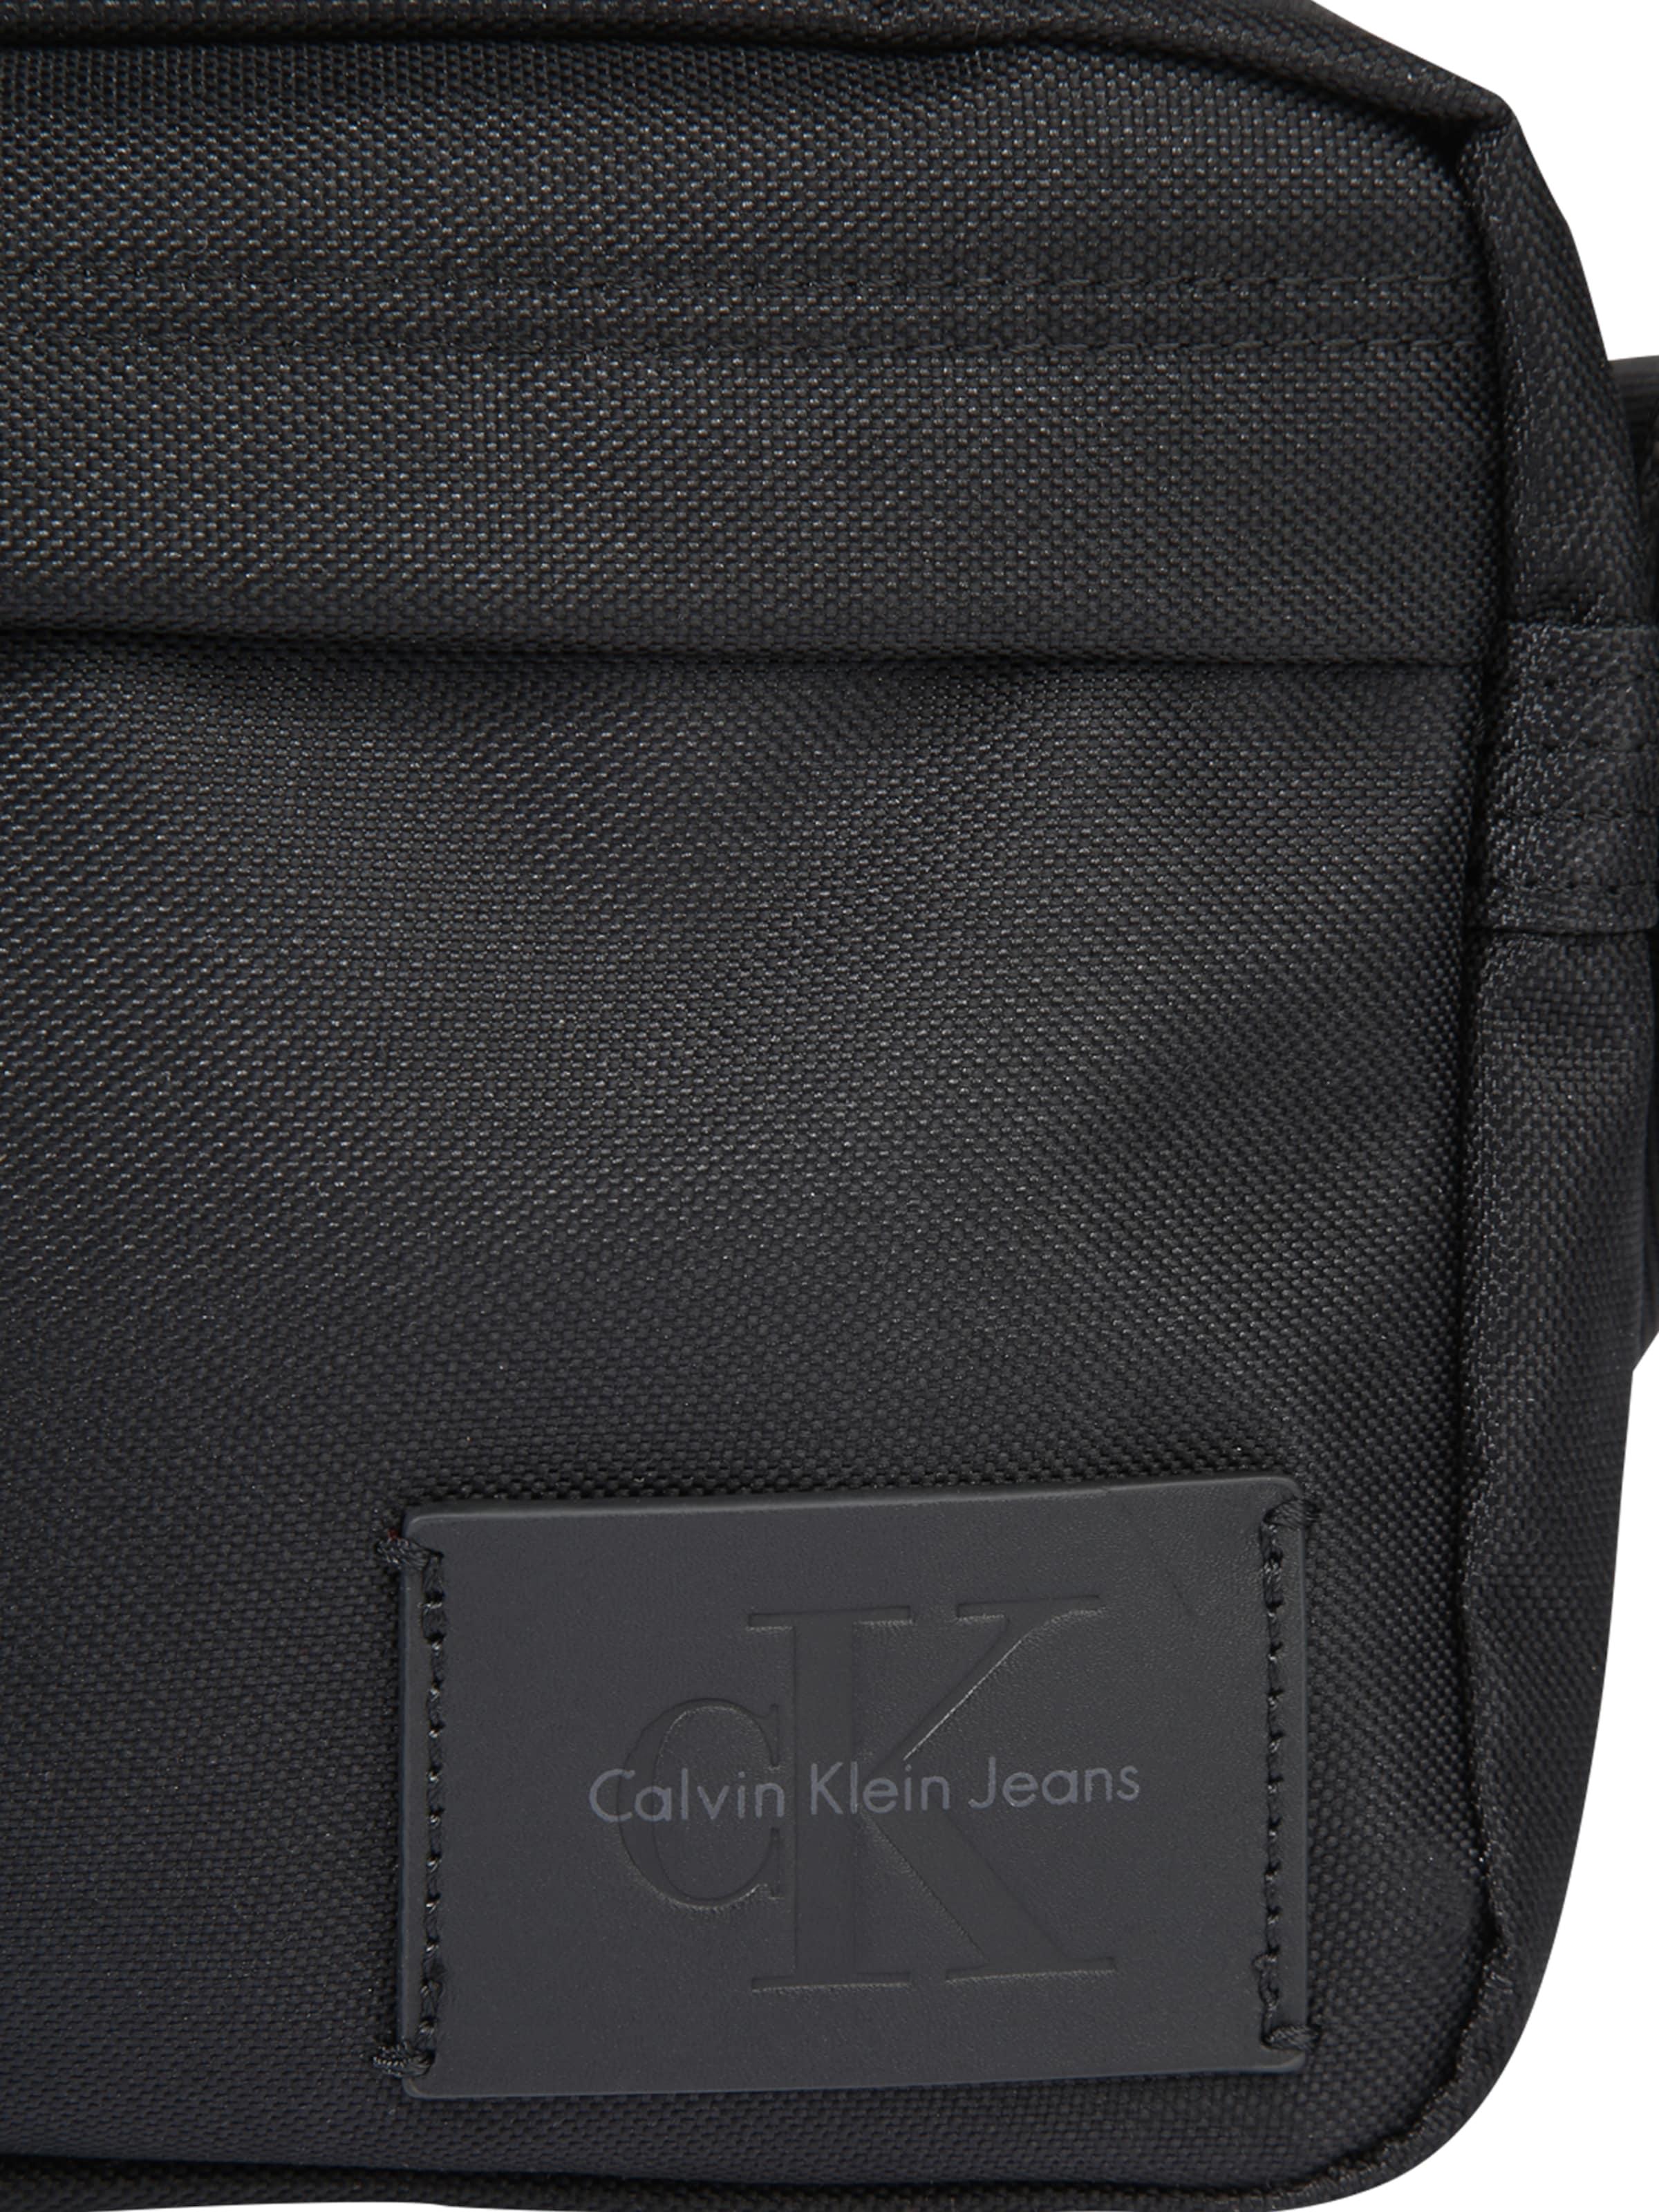 Verkaufen Sind Große Freies Verschiffen Erhalten Authentisch Calvin Klein Jeans Kleine Umhängetasche Billig Verkaufen Viele Arten Von LGrYy9HRvg